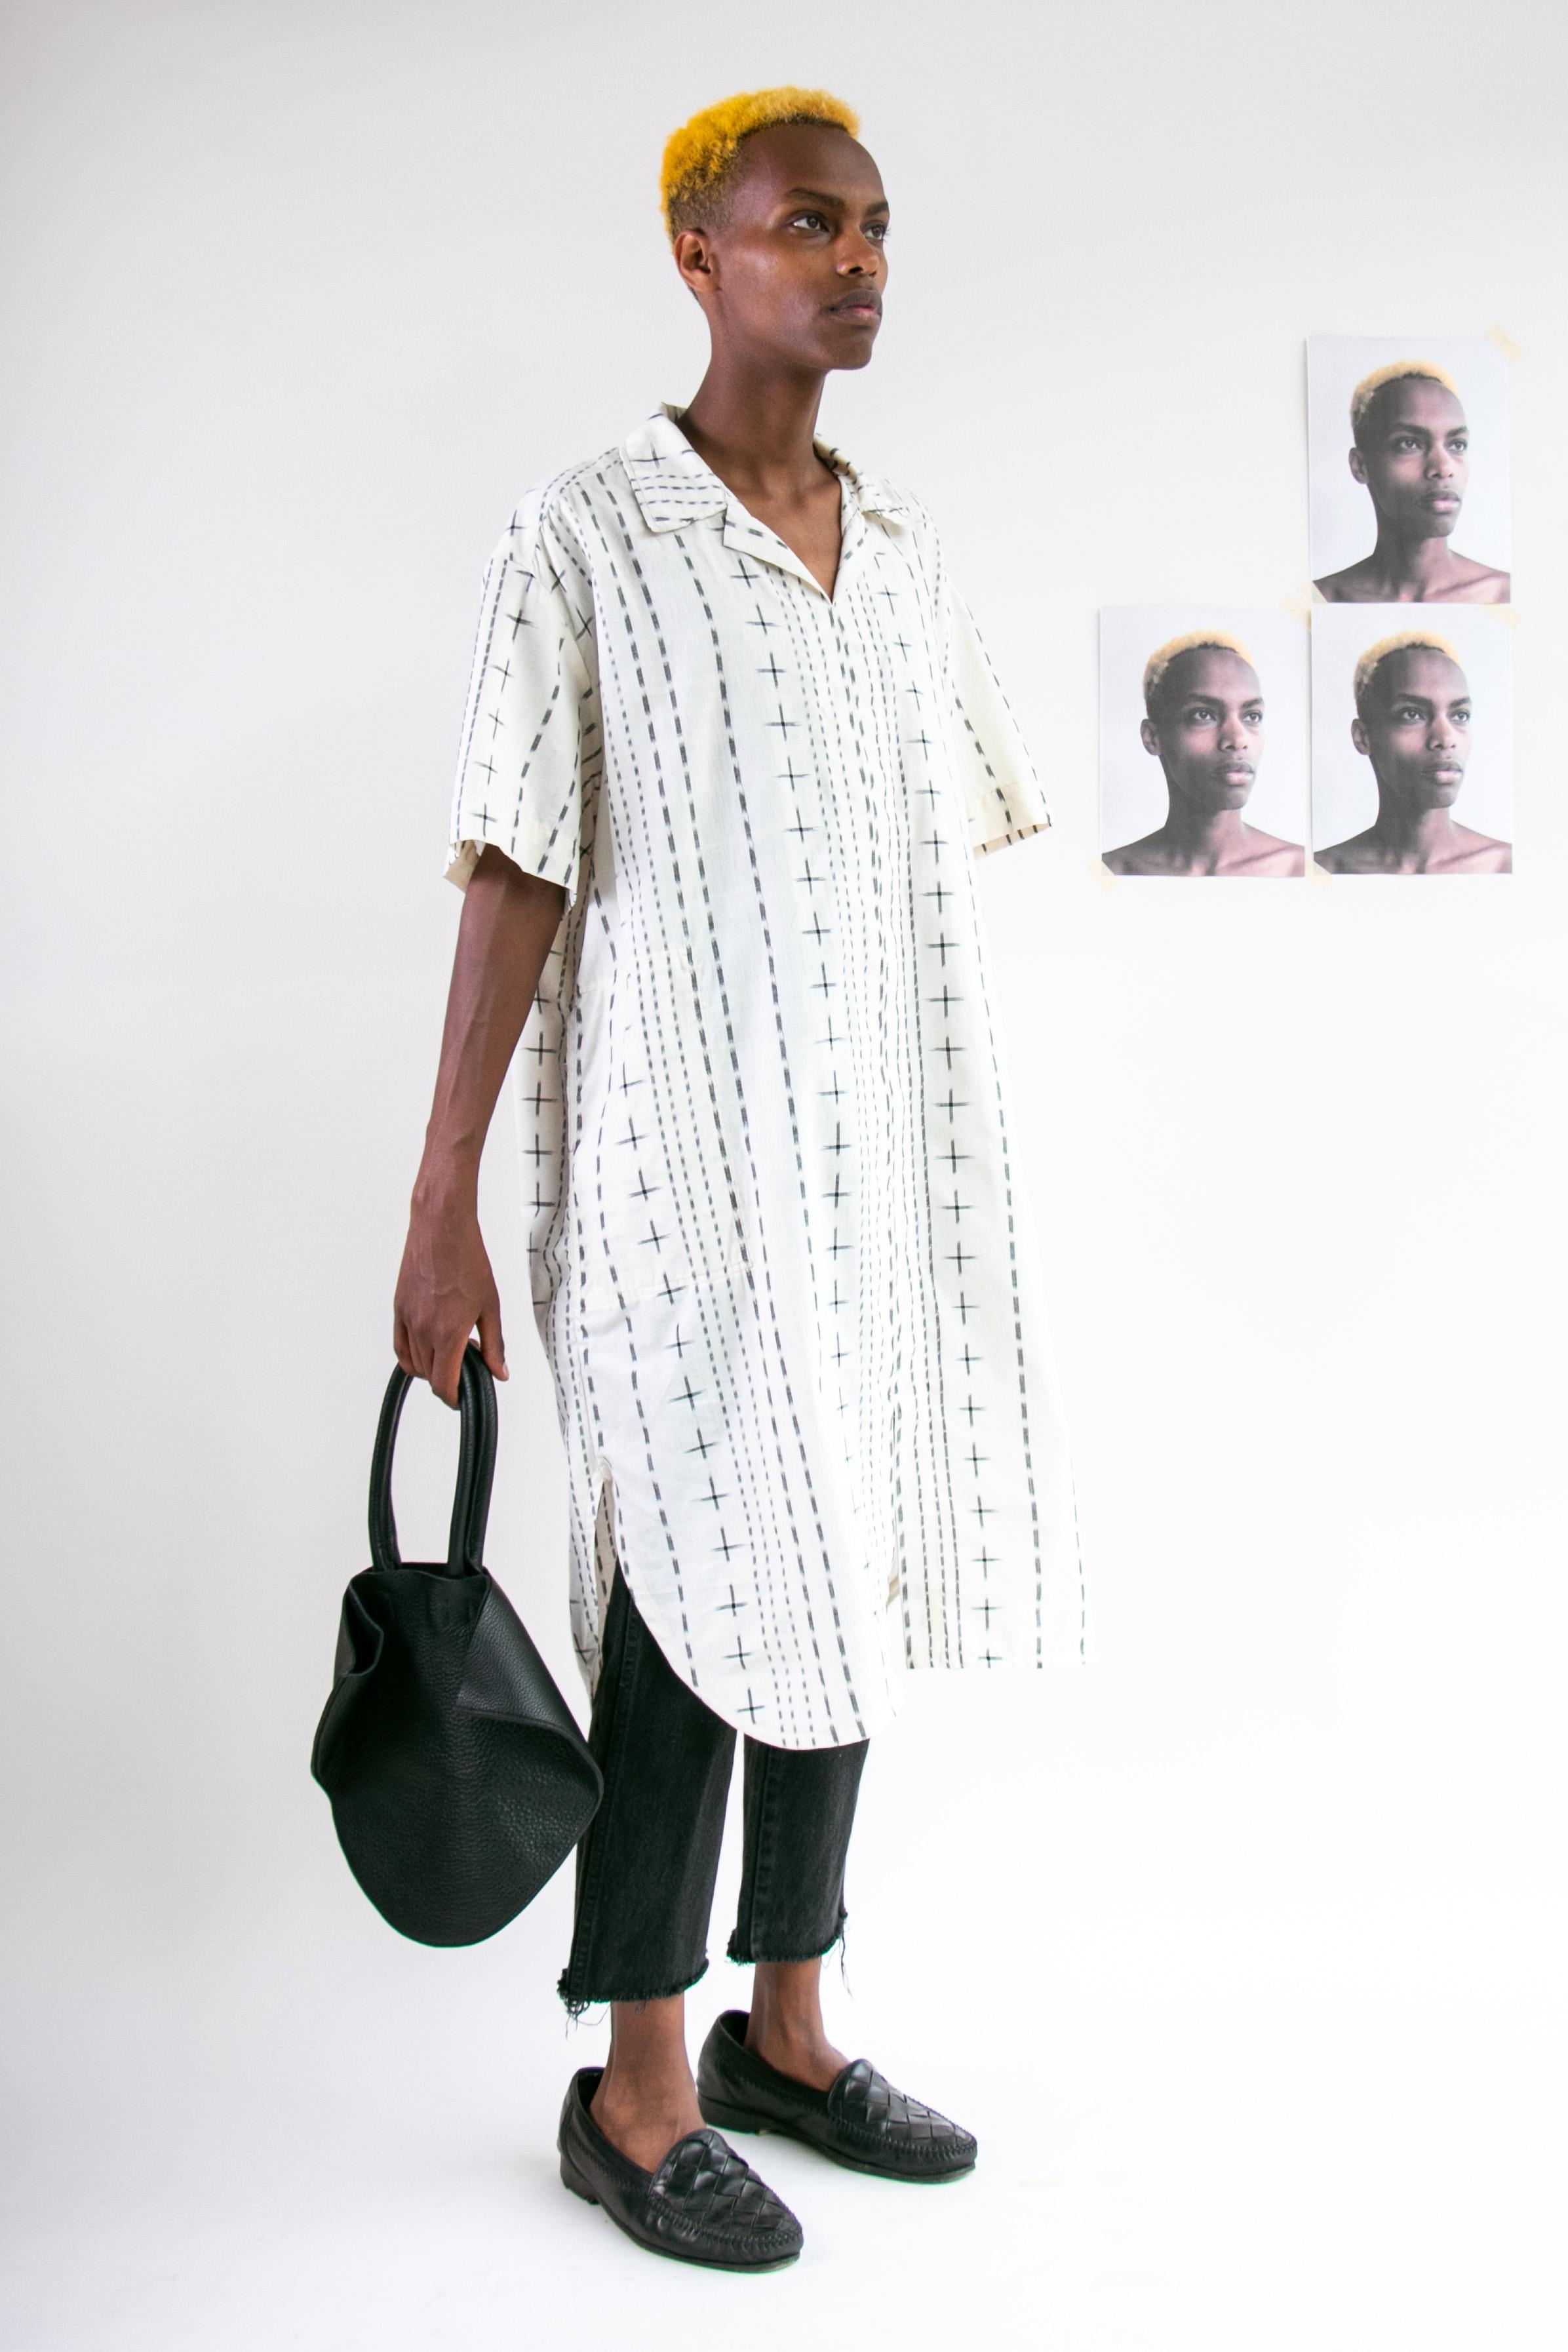 tantuvi shirt dress and small bag.jpg